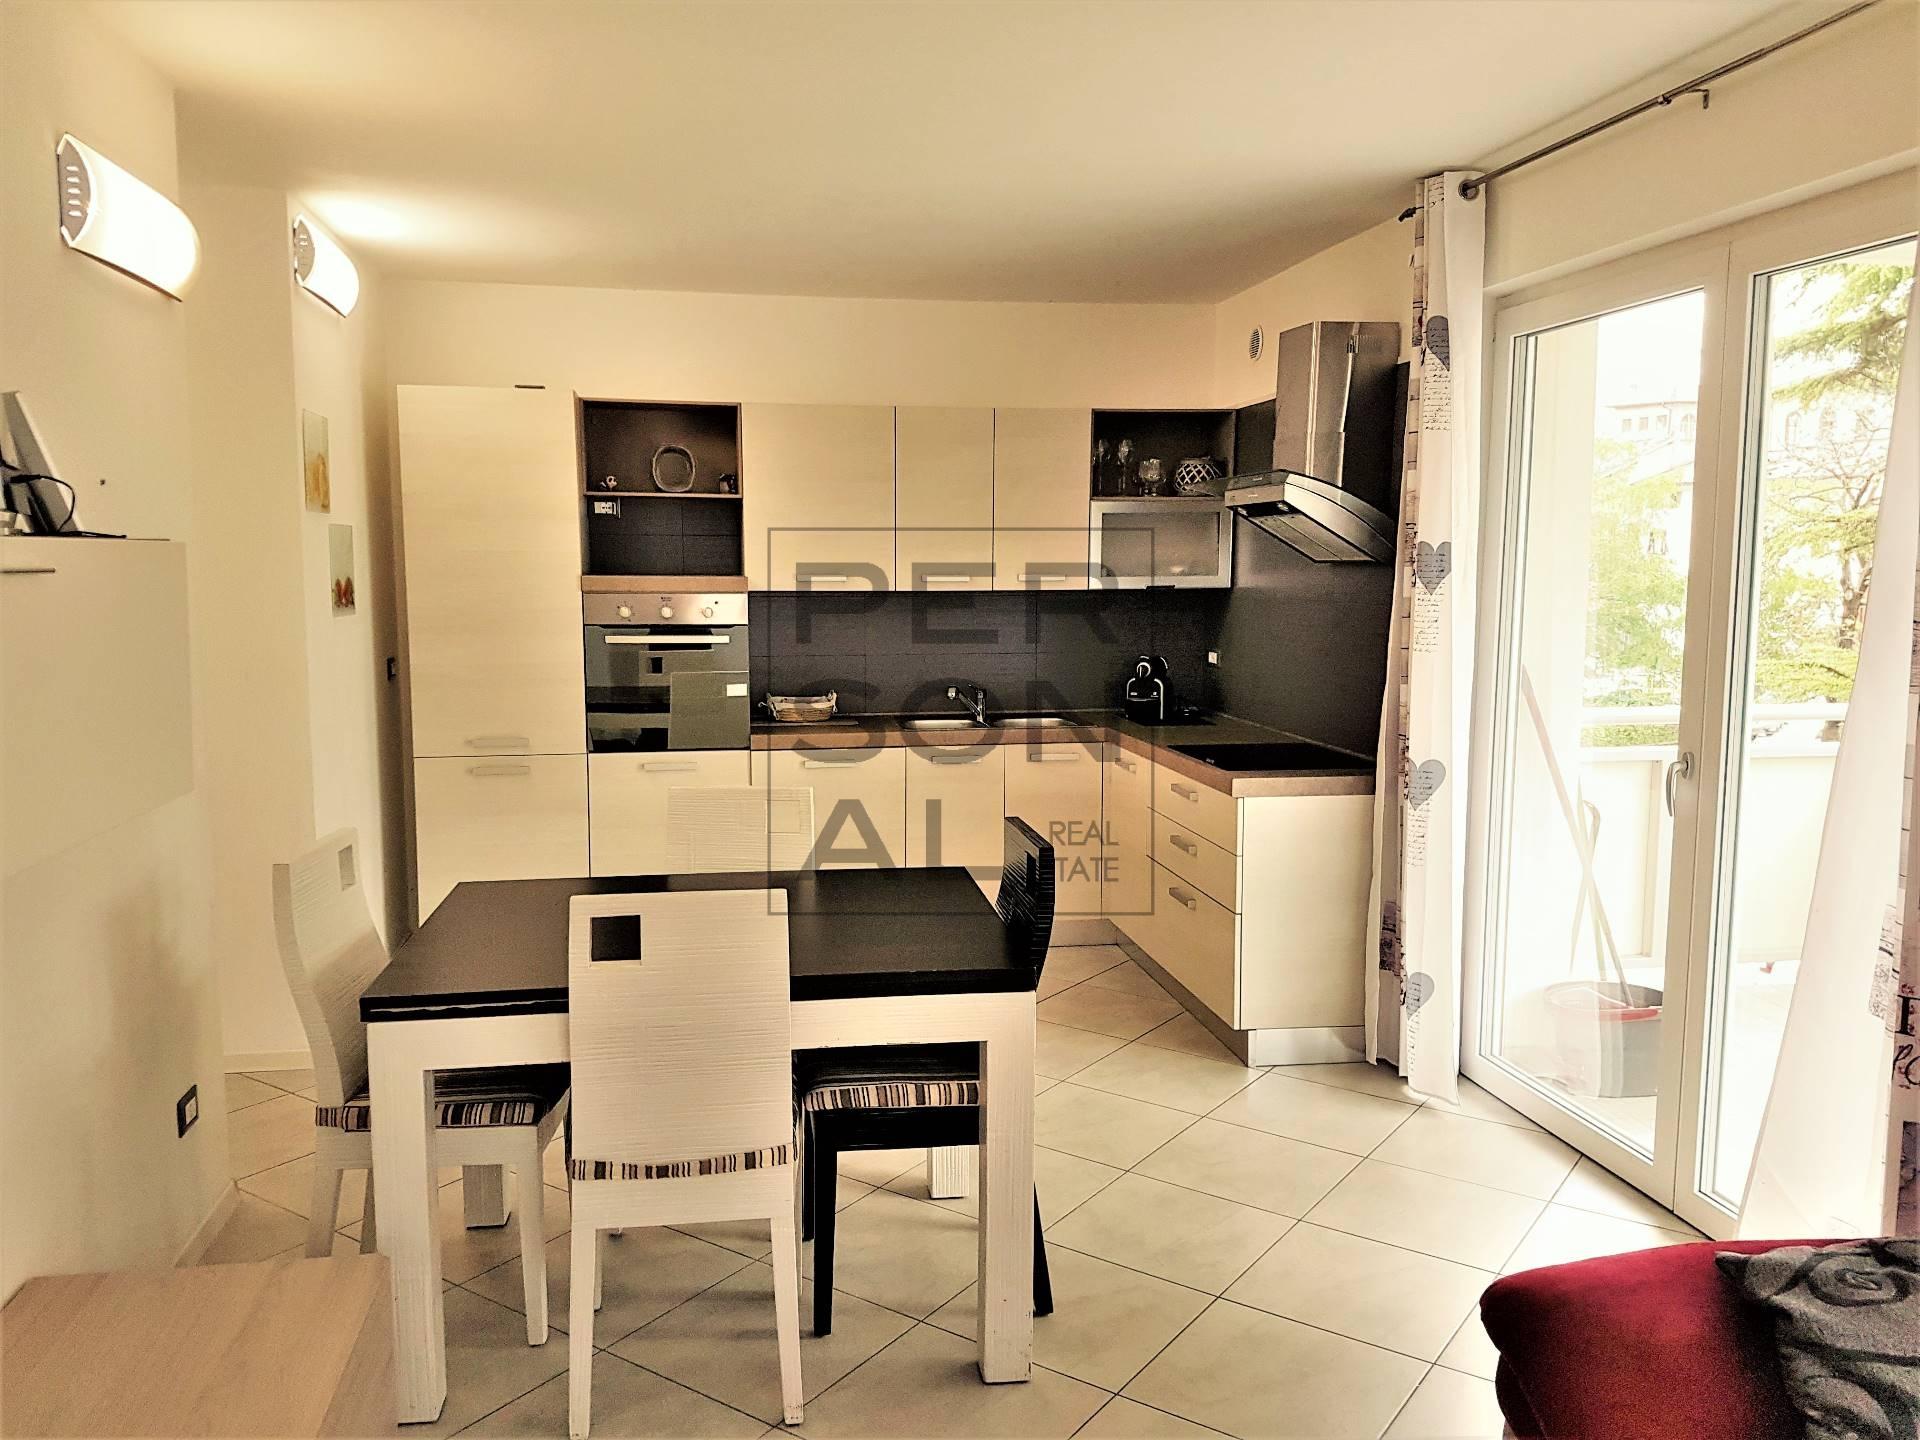 Appartamento in vendita a Lavis, 3 locali, zona Località: Lavis, prezzo € 219.000 | Cambio Casa.it